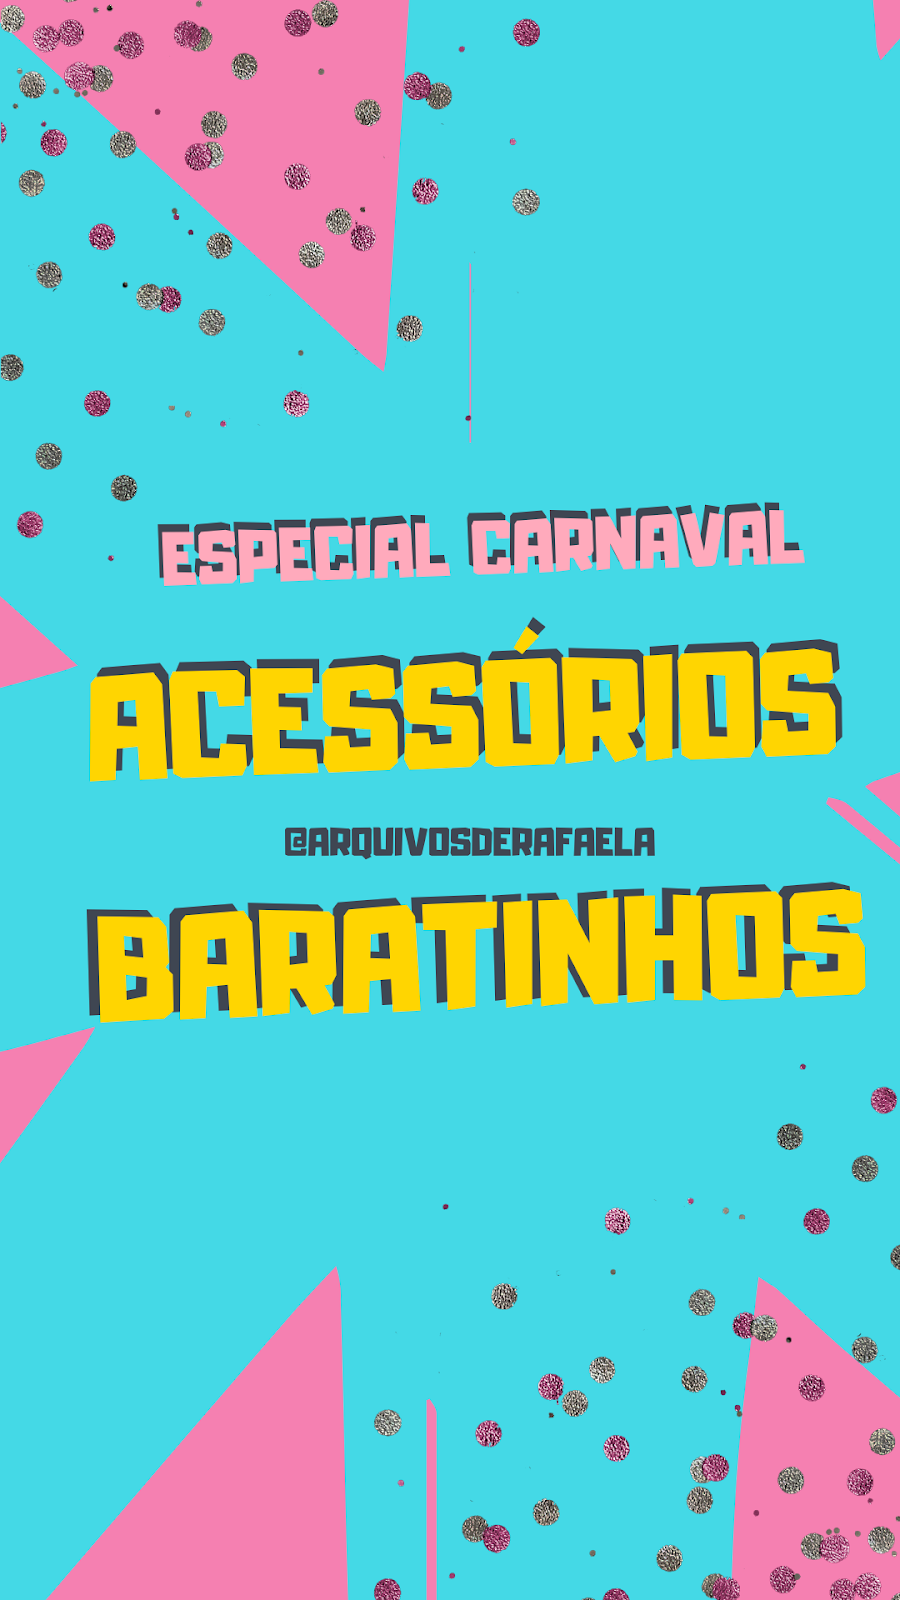 acessório pro carnaval 2020